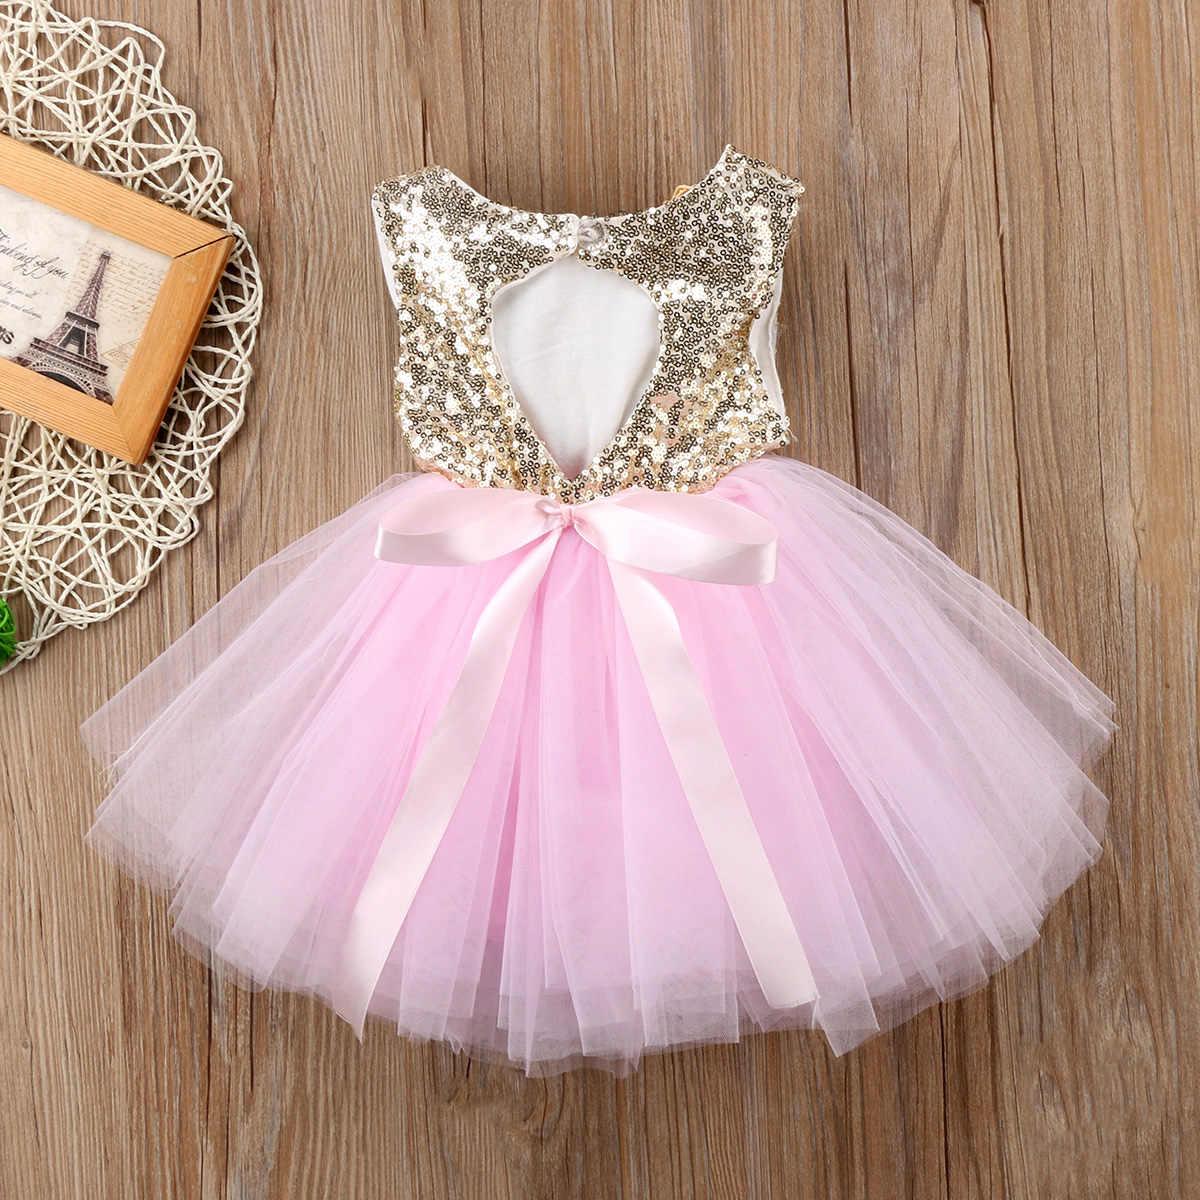 Princesa niños vestido de bebé para niñas vestido de boda elegante sin mangas lentejuelas fiesta cumpleaños bautismo vestido para niña vestidos de verano